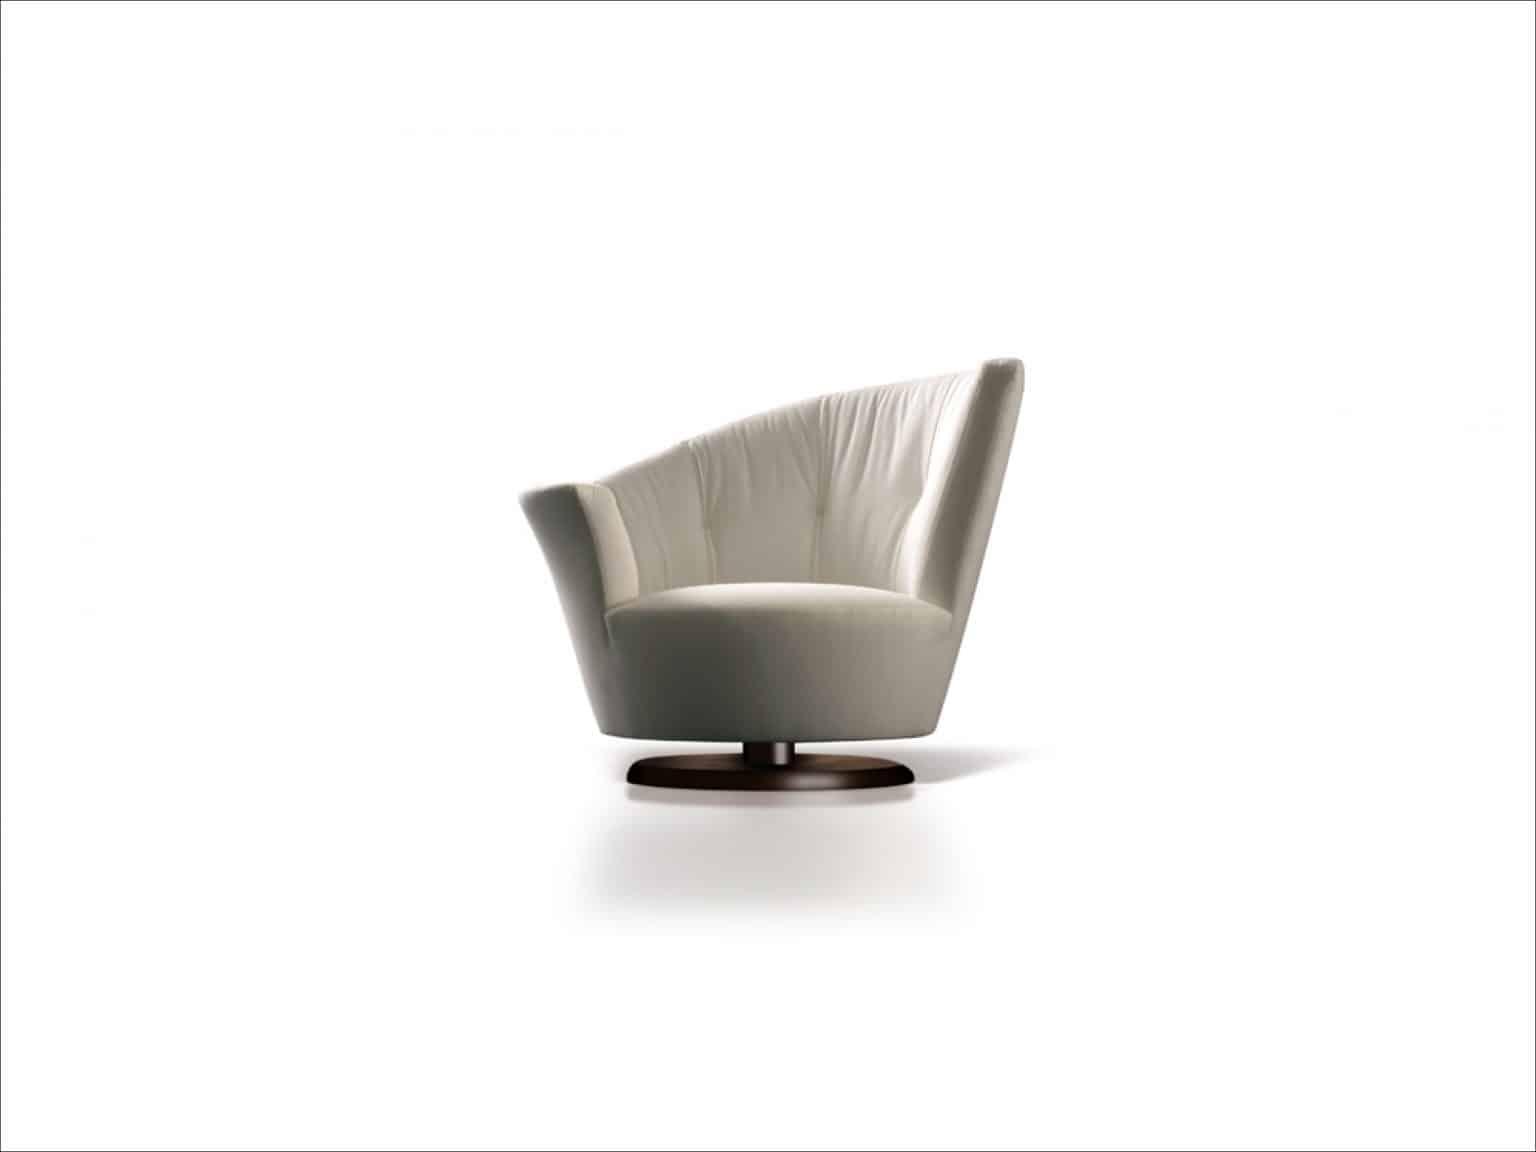 Giorgetti fauteuil Arabella pa